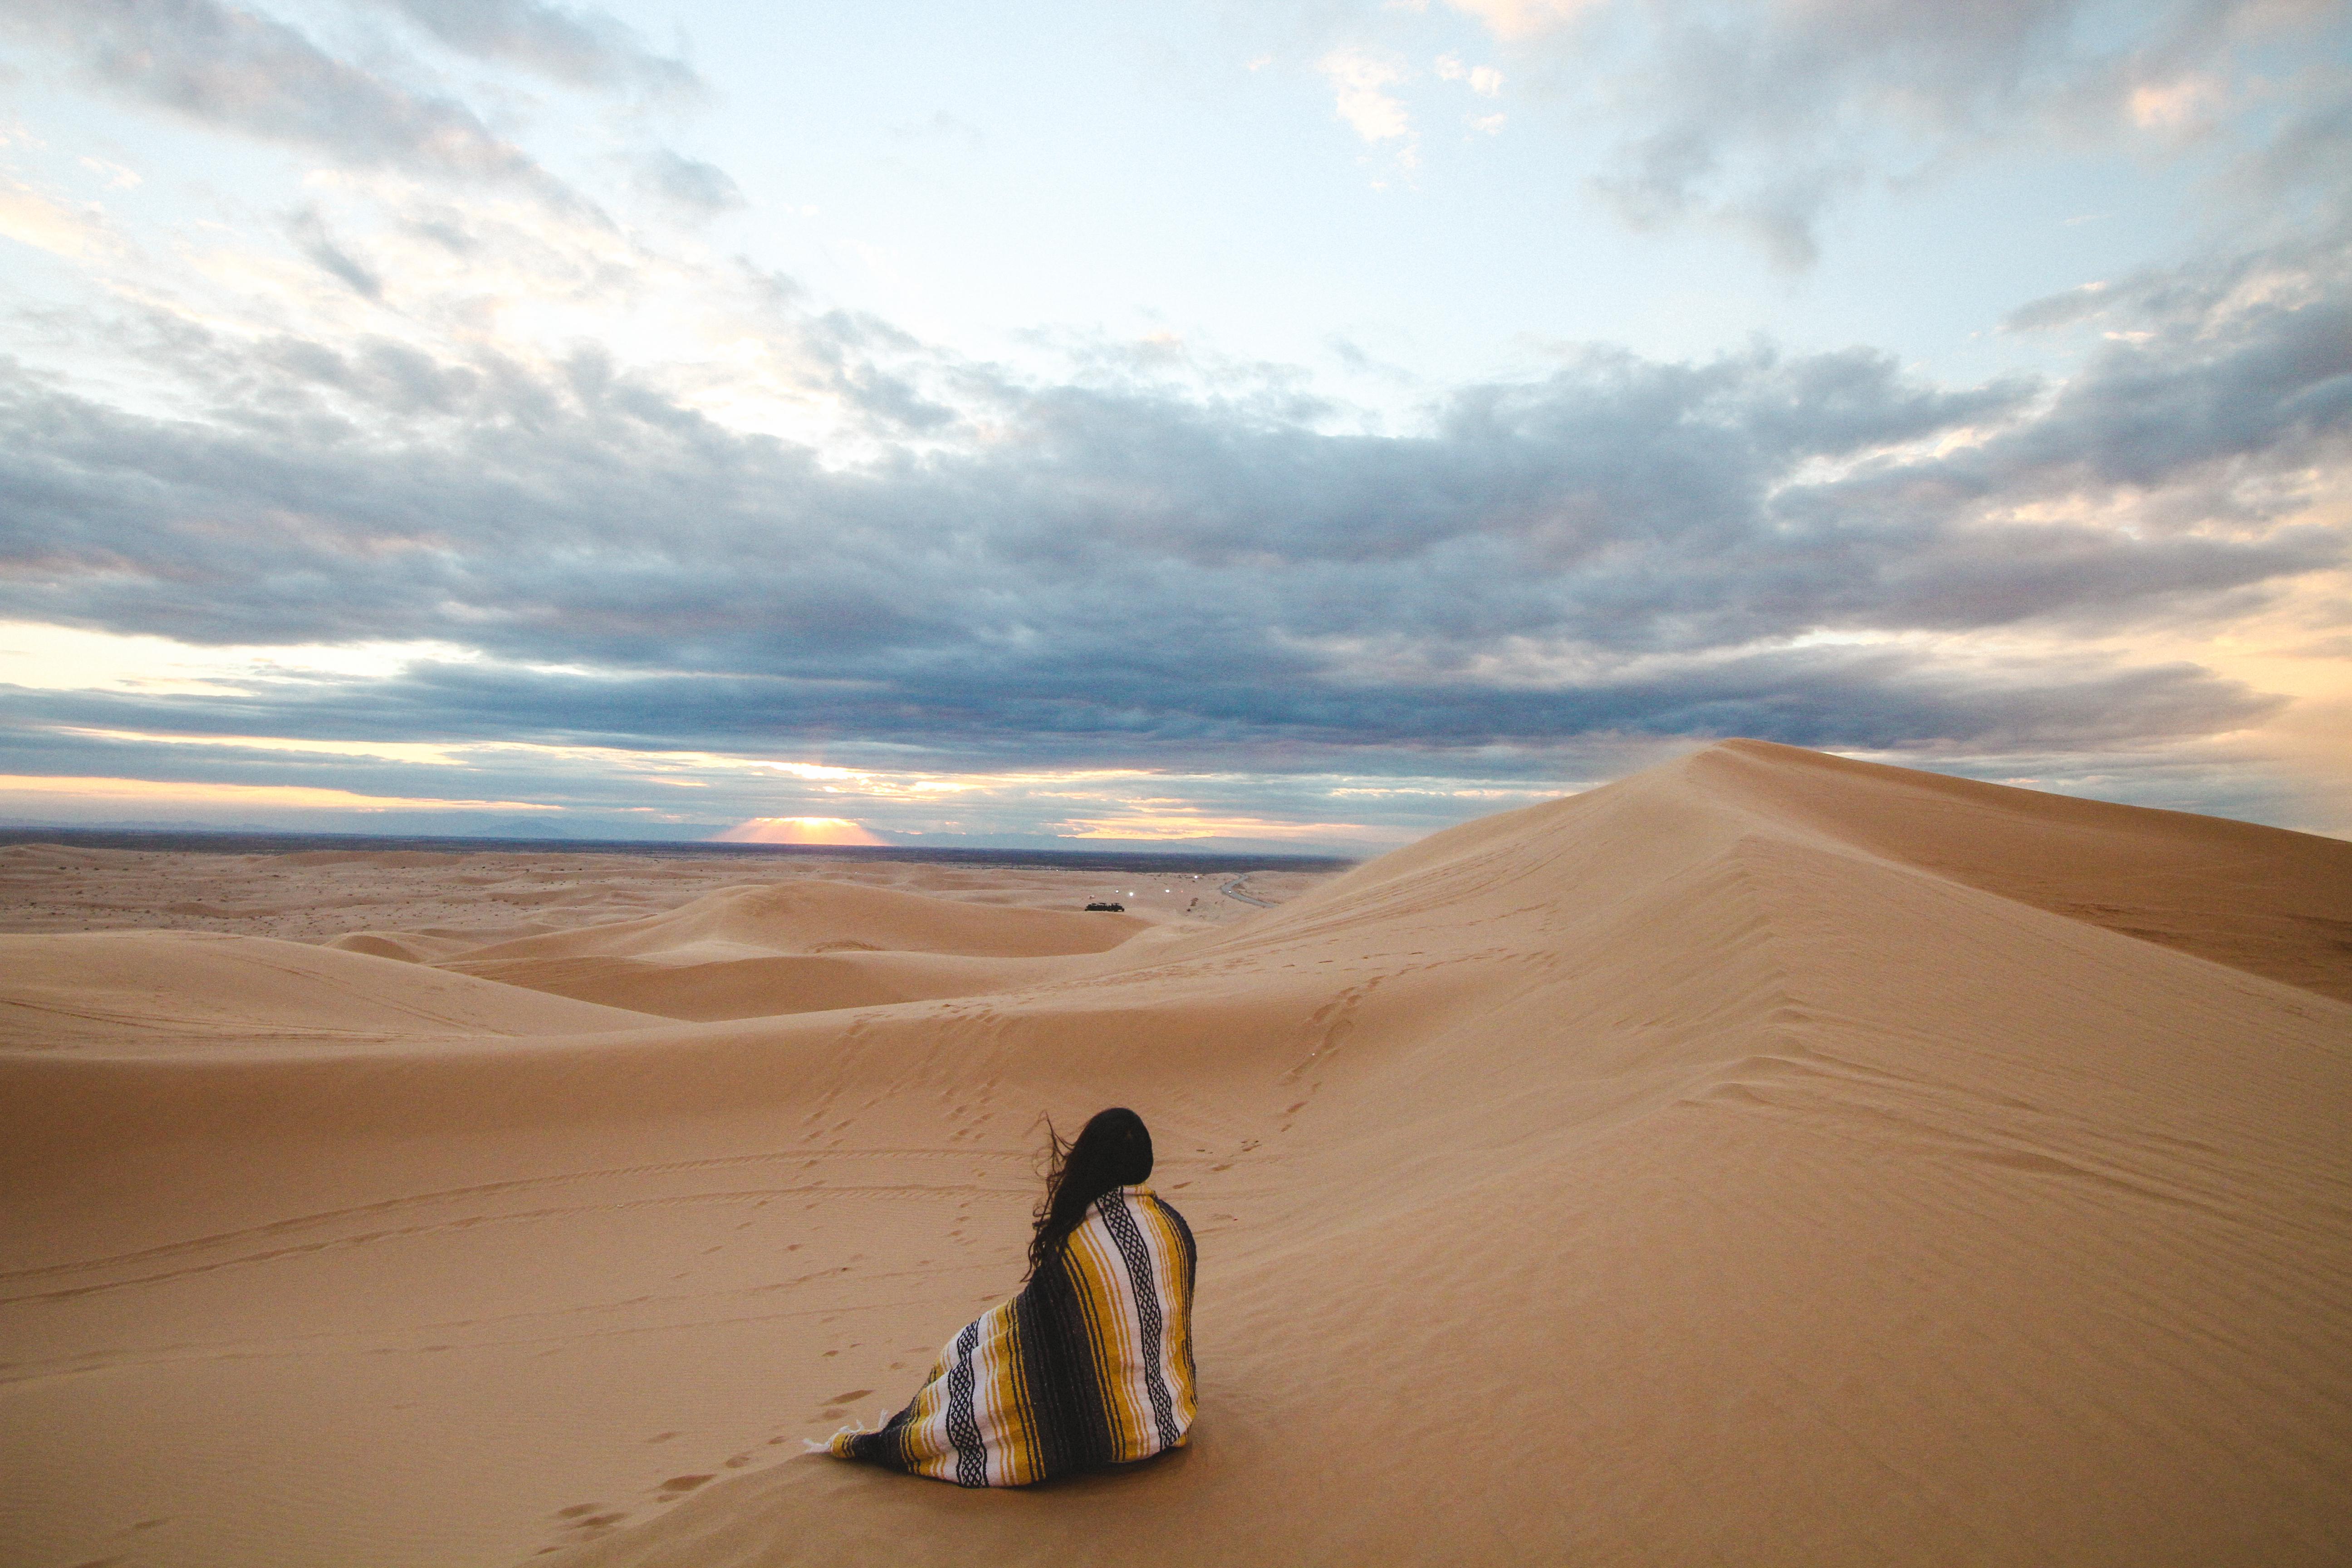 картинки на аву пустыня и глазами плагине применяются алгоритмы